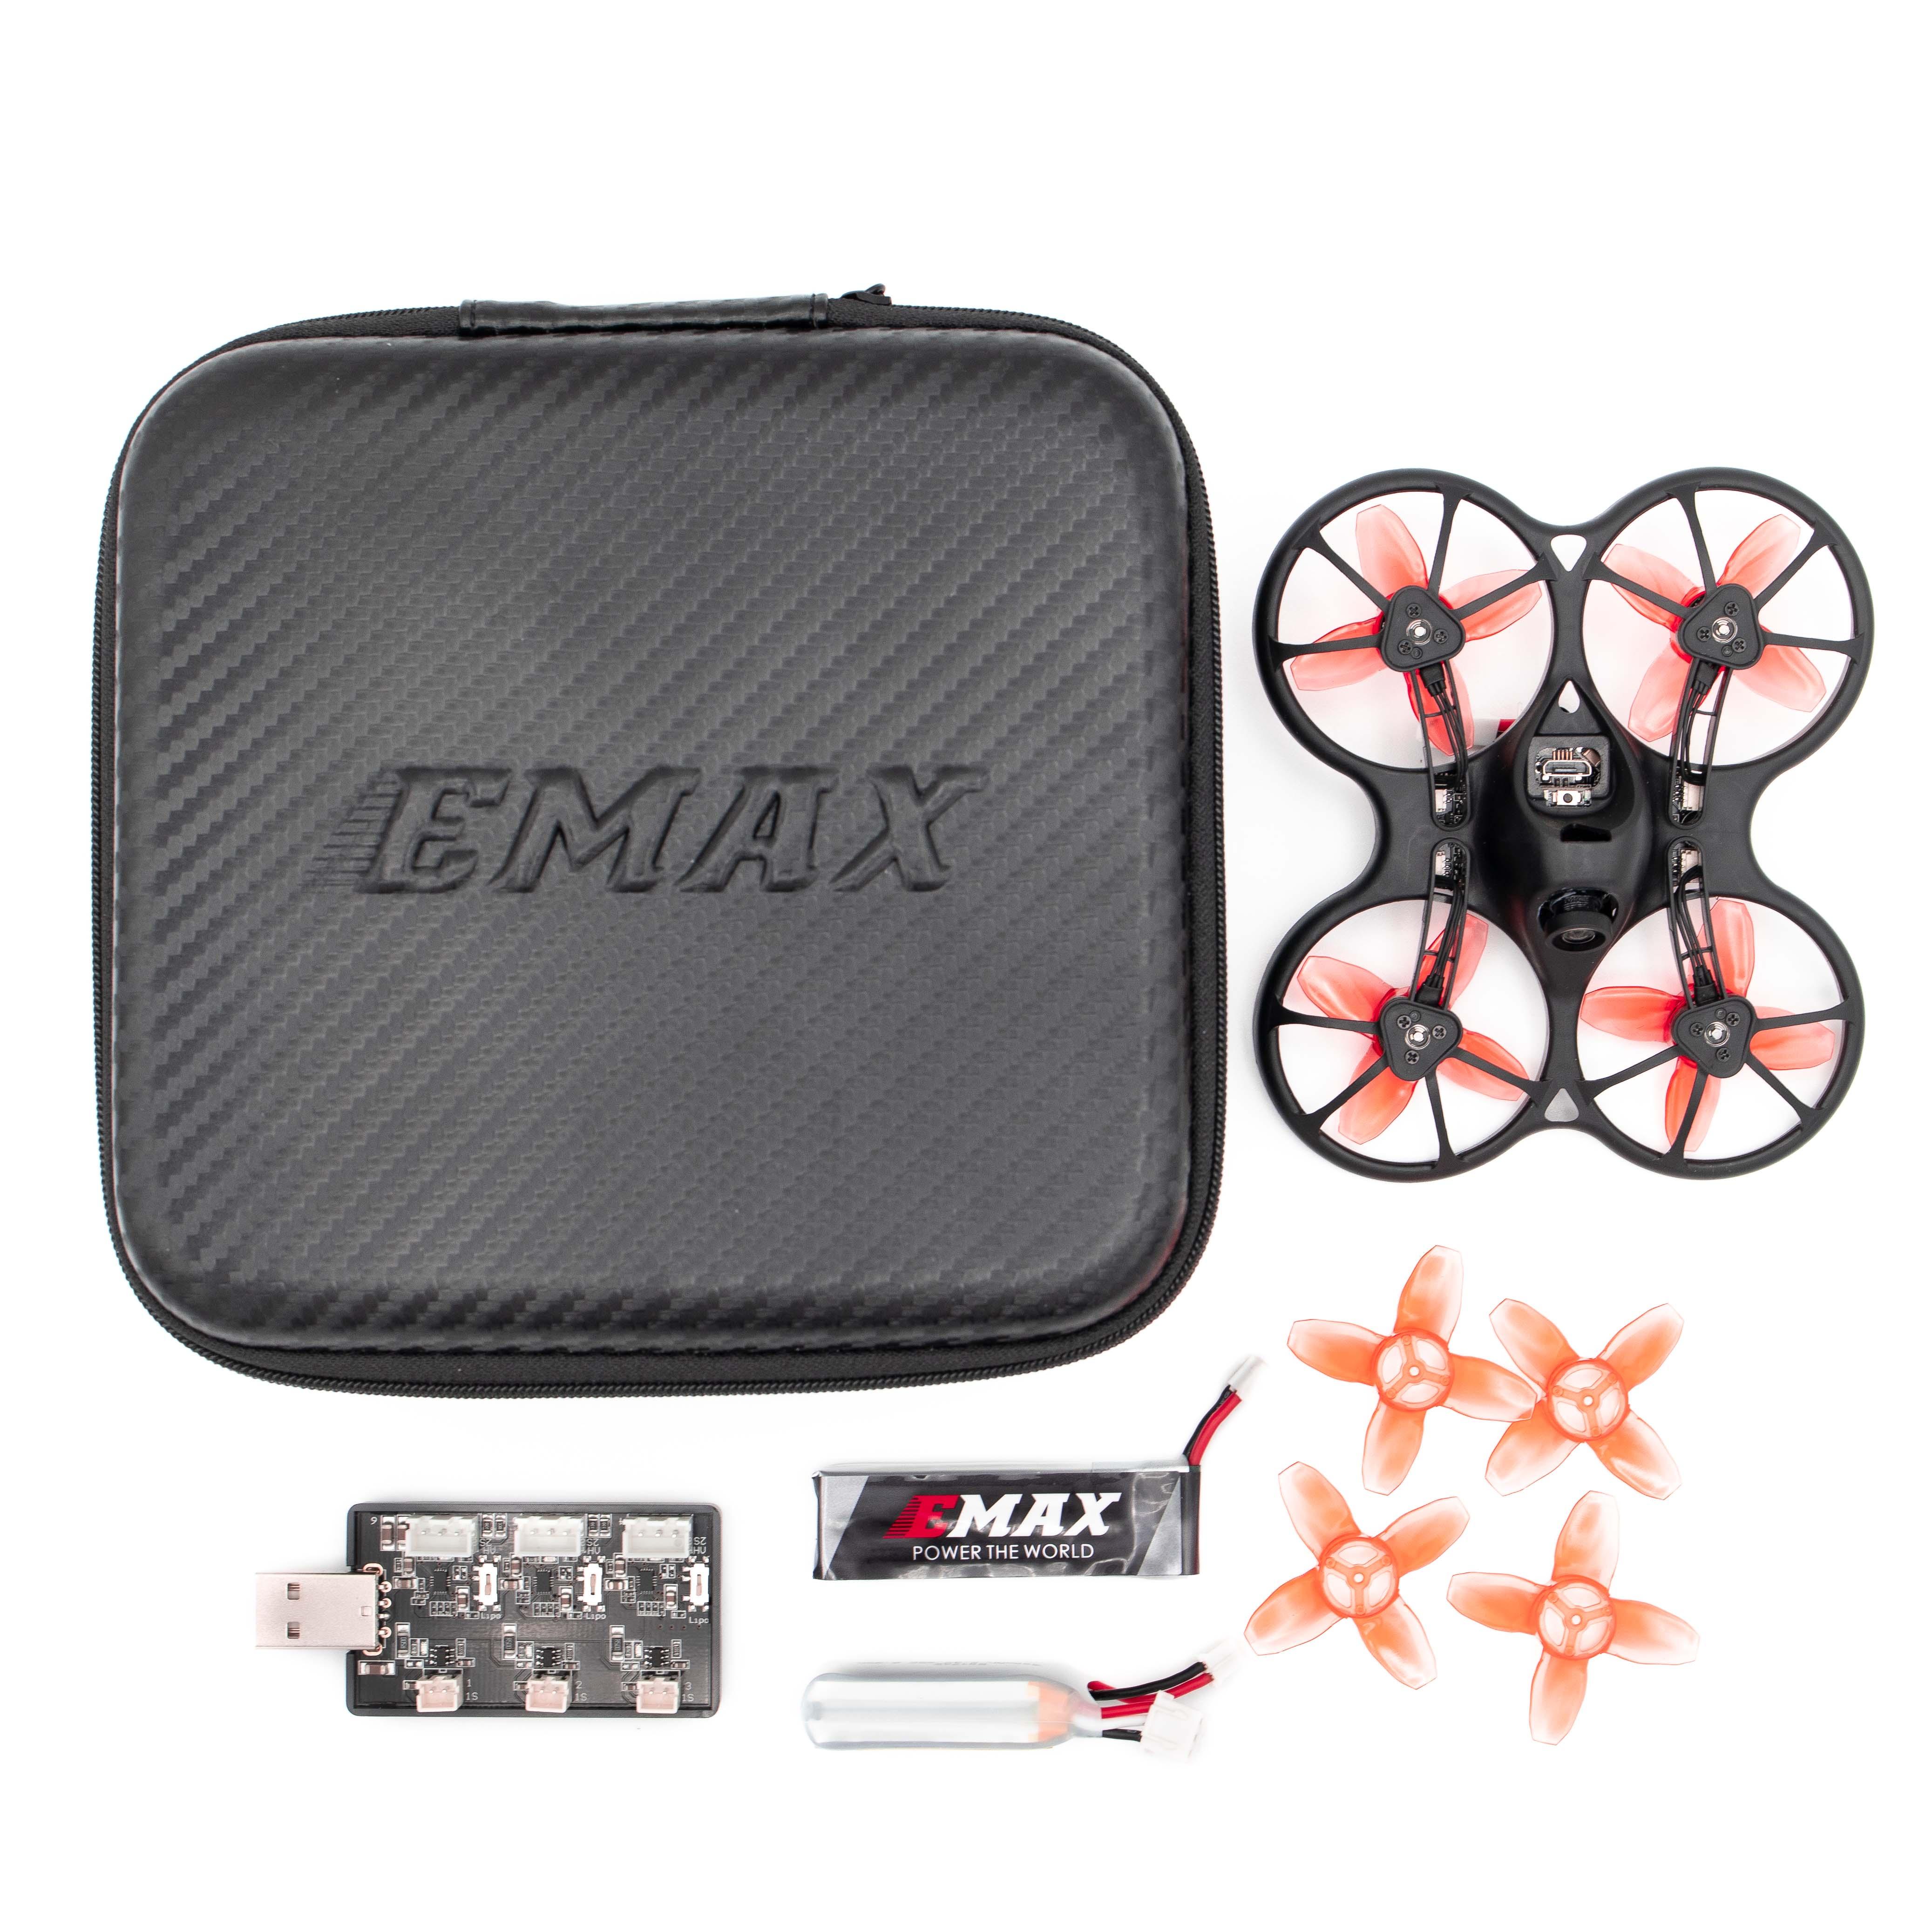 Livraison gratuite Emax 2S Tinyhawk S Mini Drone de course FPV avec caméra 0802 15500KV Support moteur sans brosse 1/2S batterie RC avion